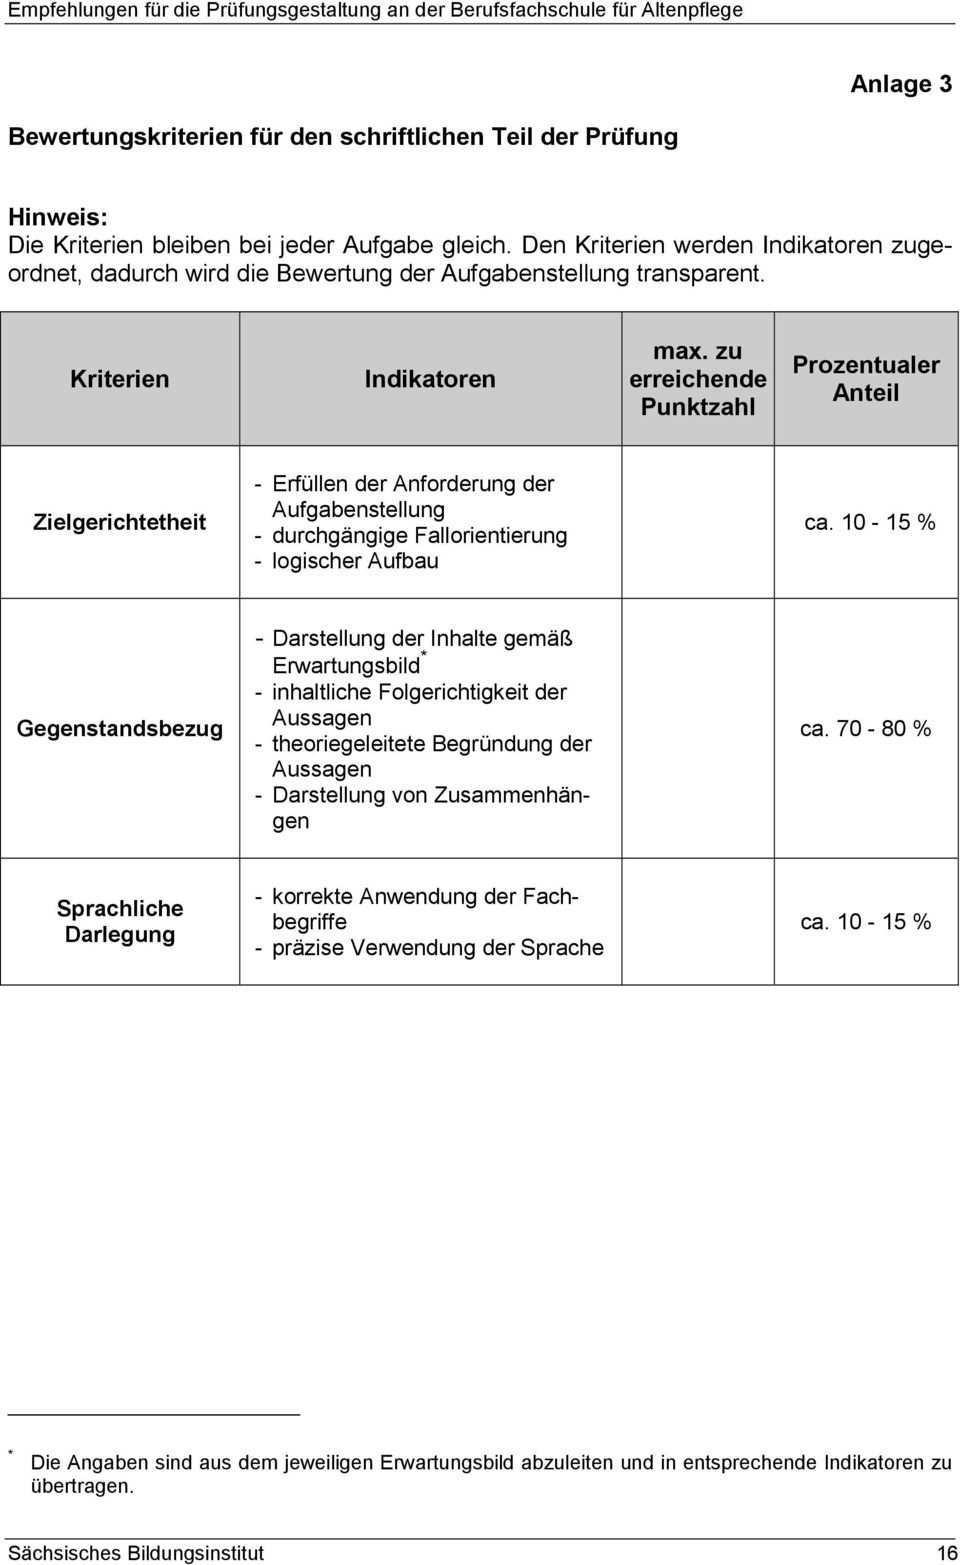 Empfehlungen Fur Die Prufungsgestaltung An Der Berufsfachschule Fur Altenpflege Pdf Free Download